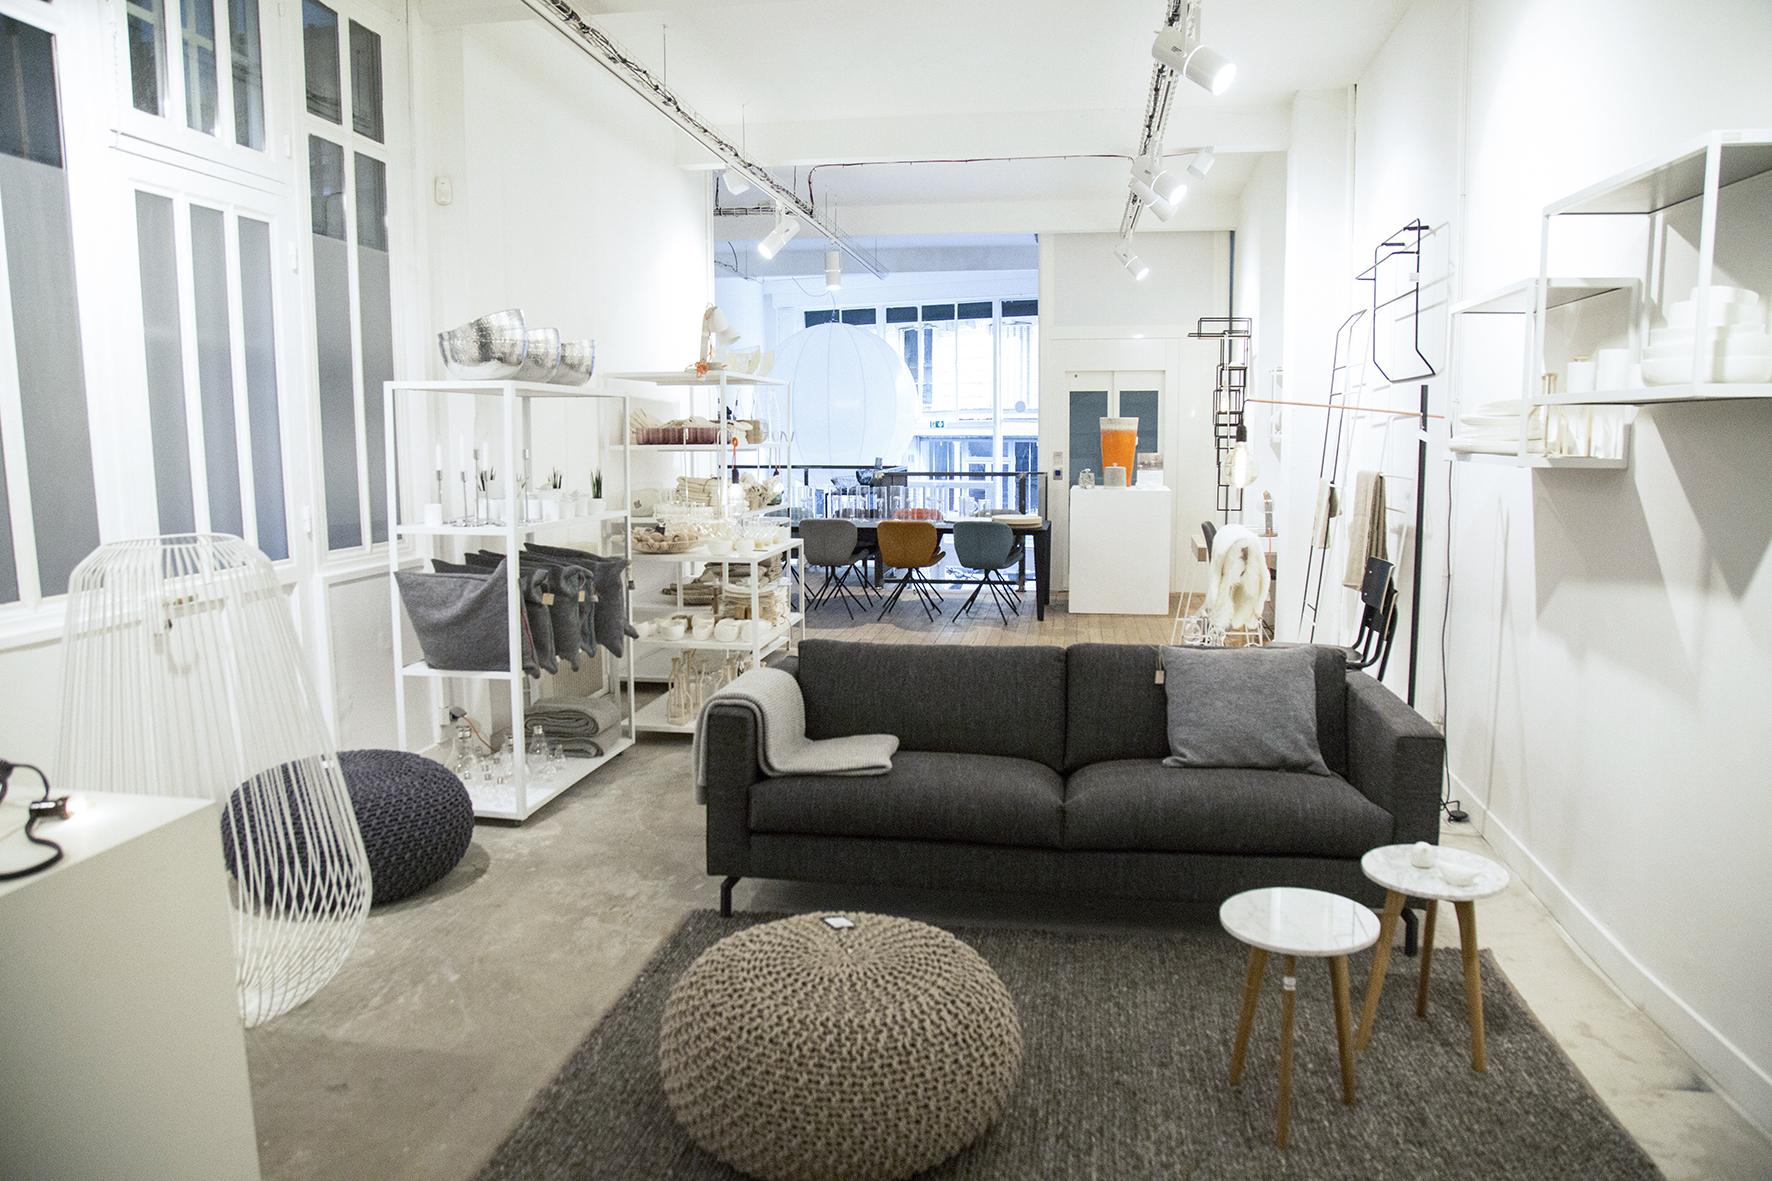 les bonnes adresses de pascale gibert cr atrice de madeleine gustave lifestyle paris. Black Bedroom Furniture Sets. Home Design Ideas